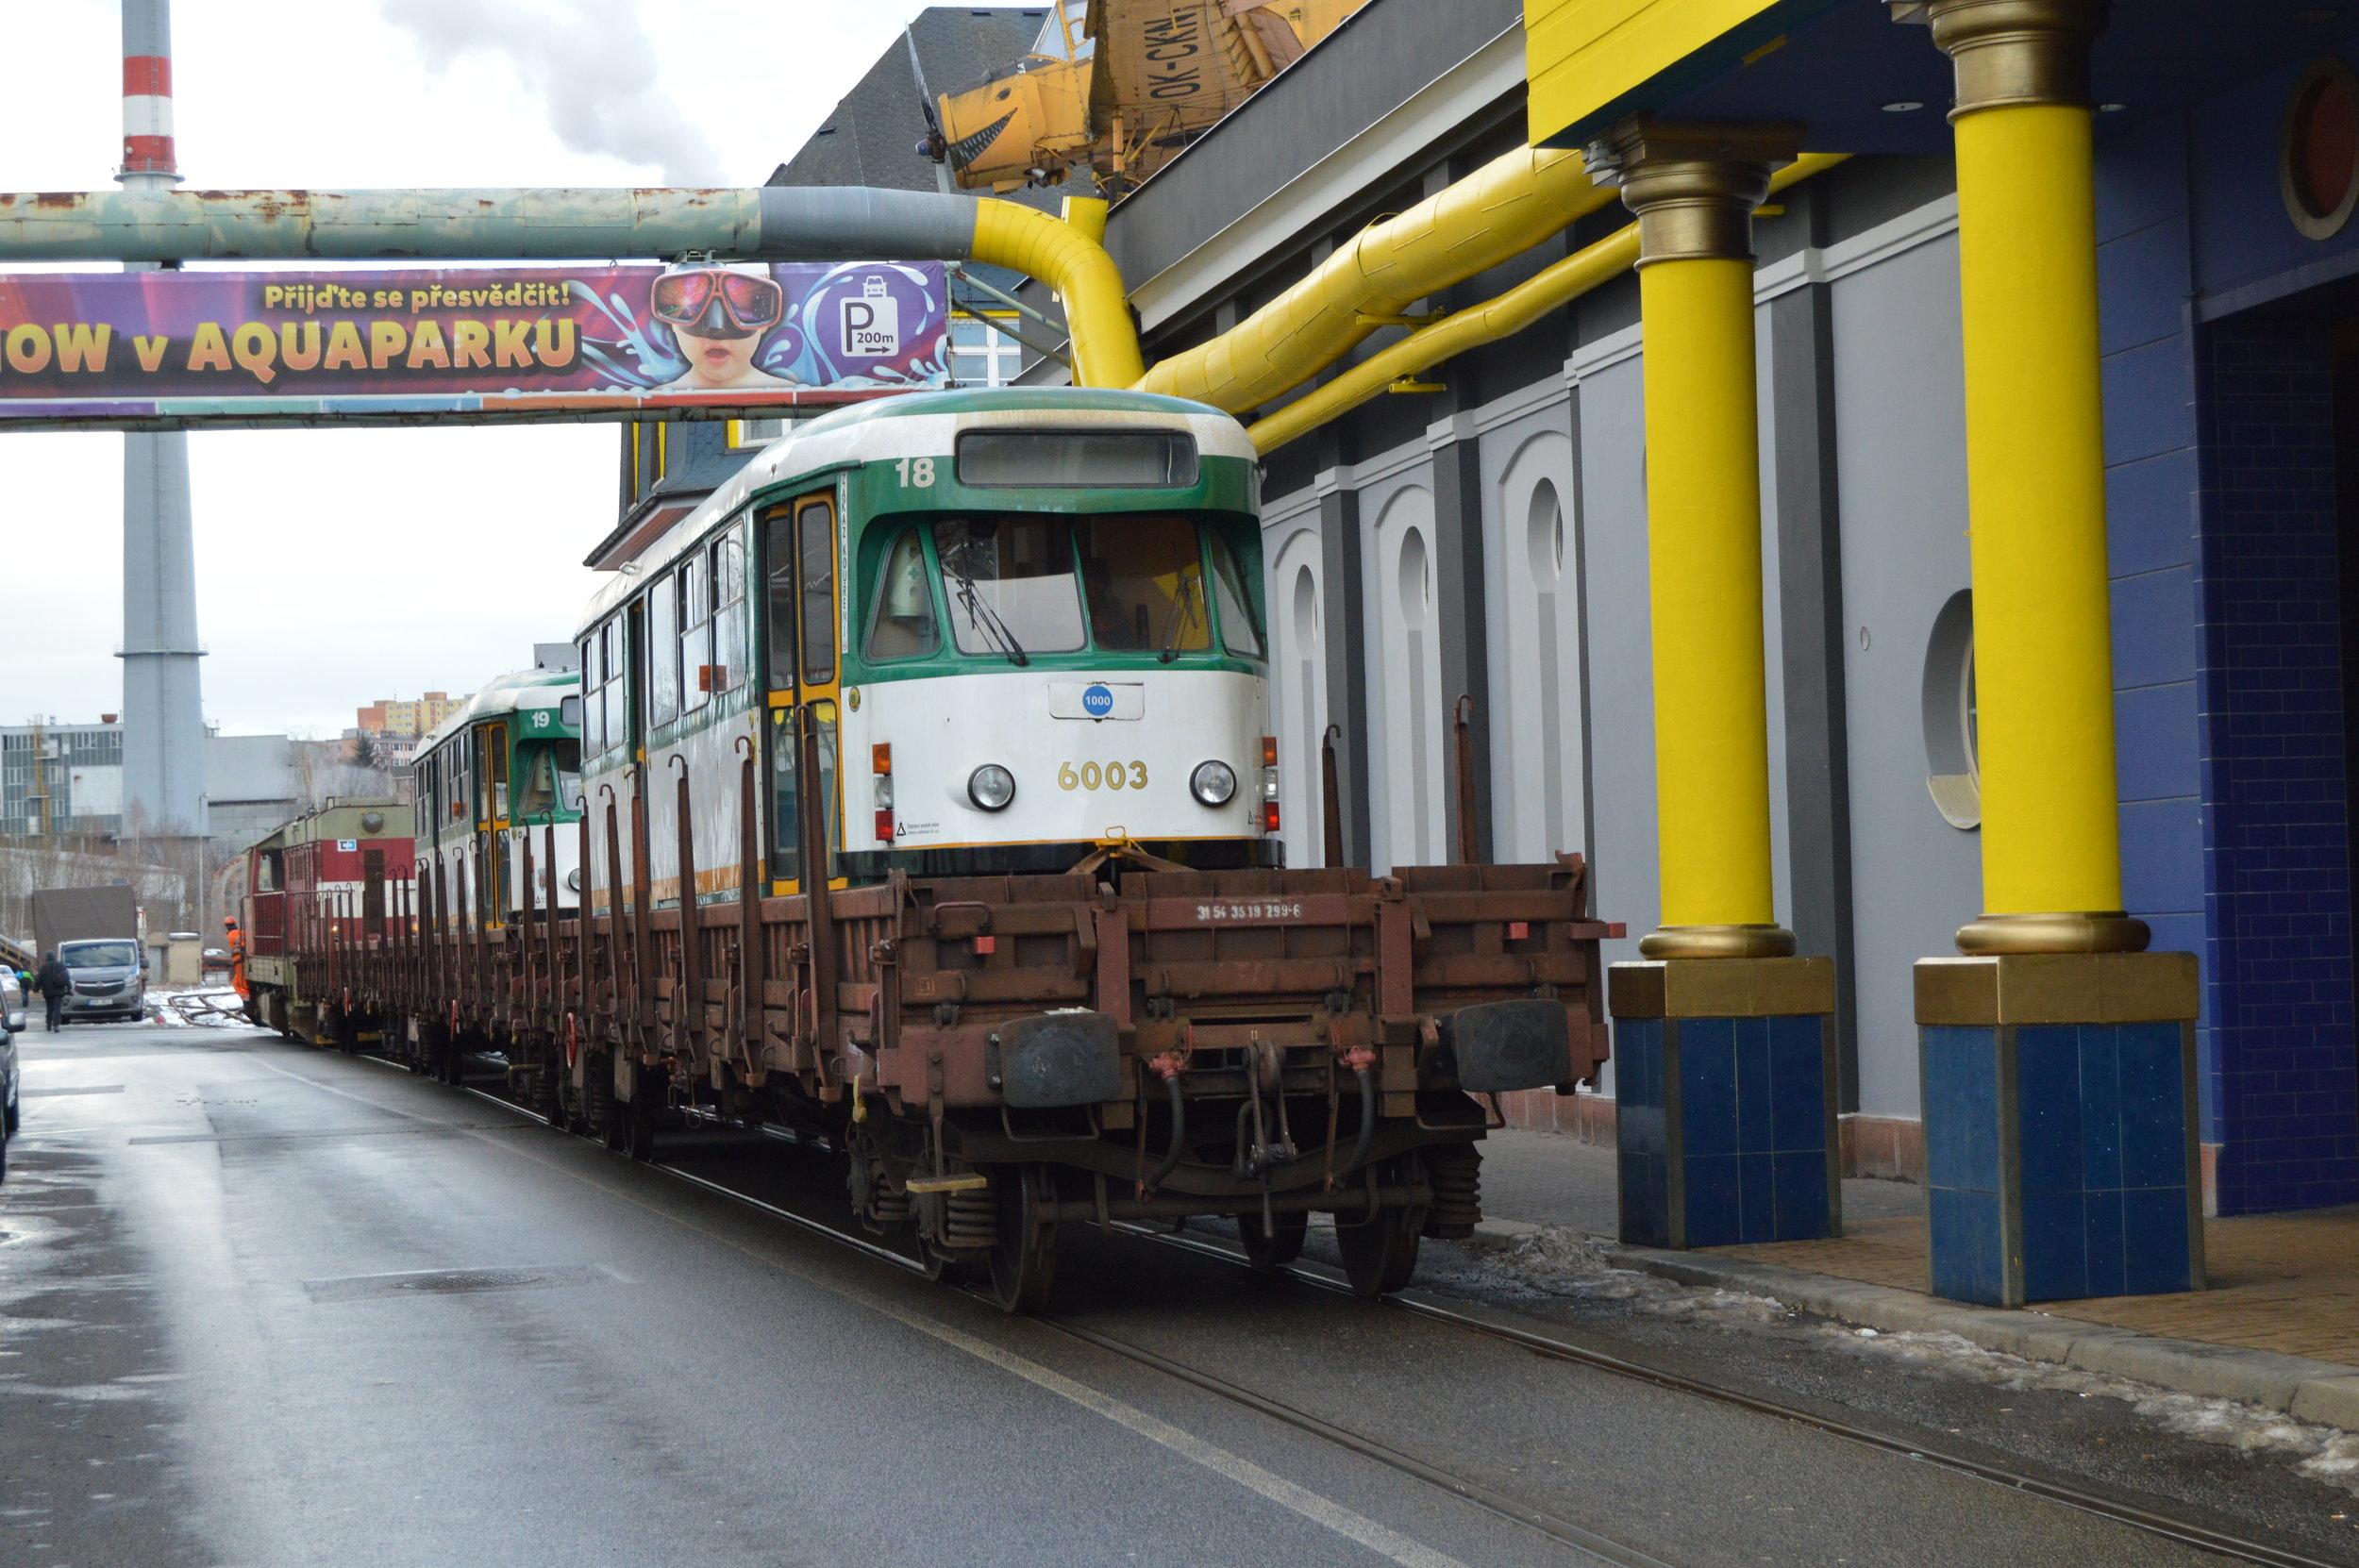 Tramvaje T2R původních ev. č. 18 a 19 opouštějí Liberec. (foto: Zdeněk Mazánek)